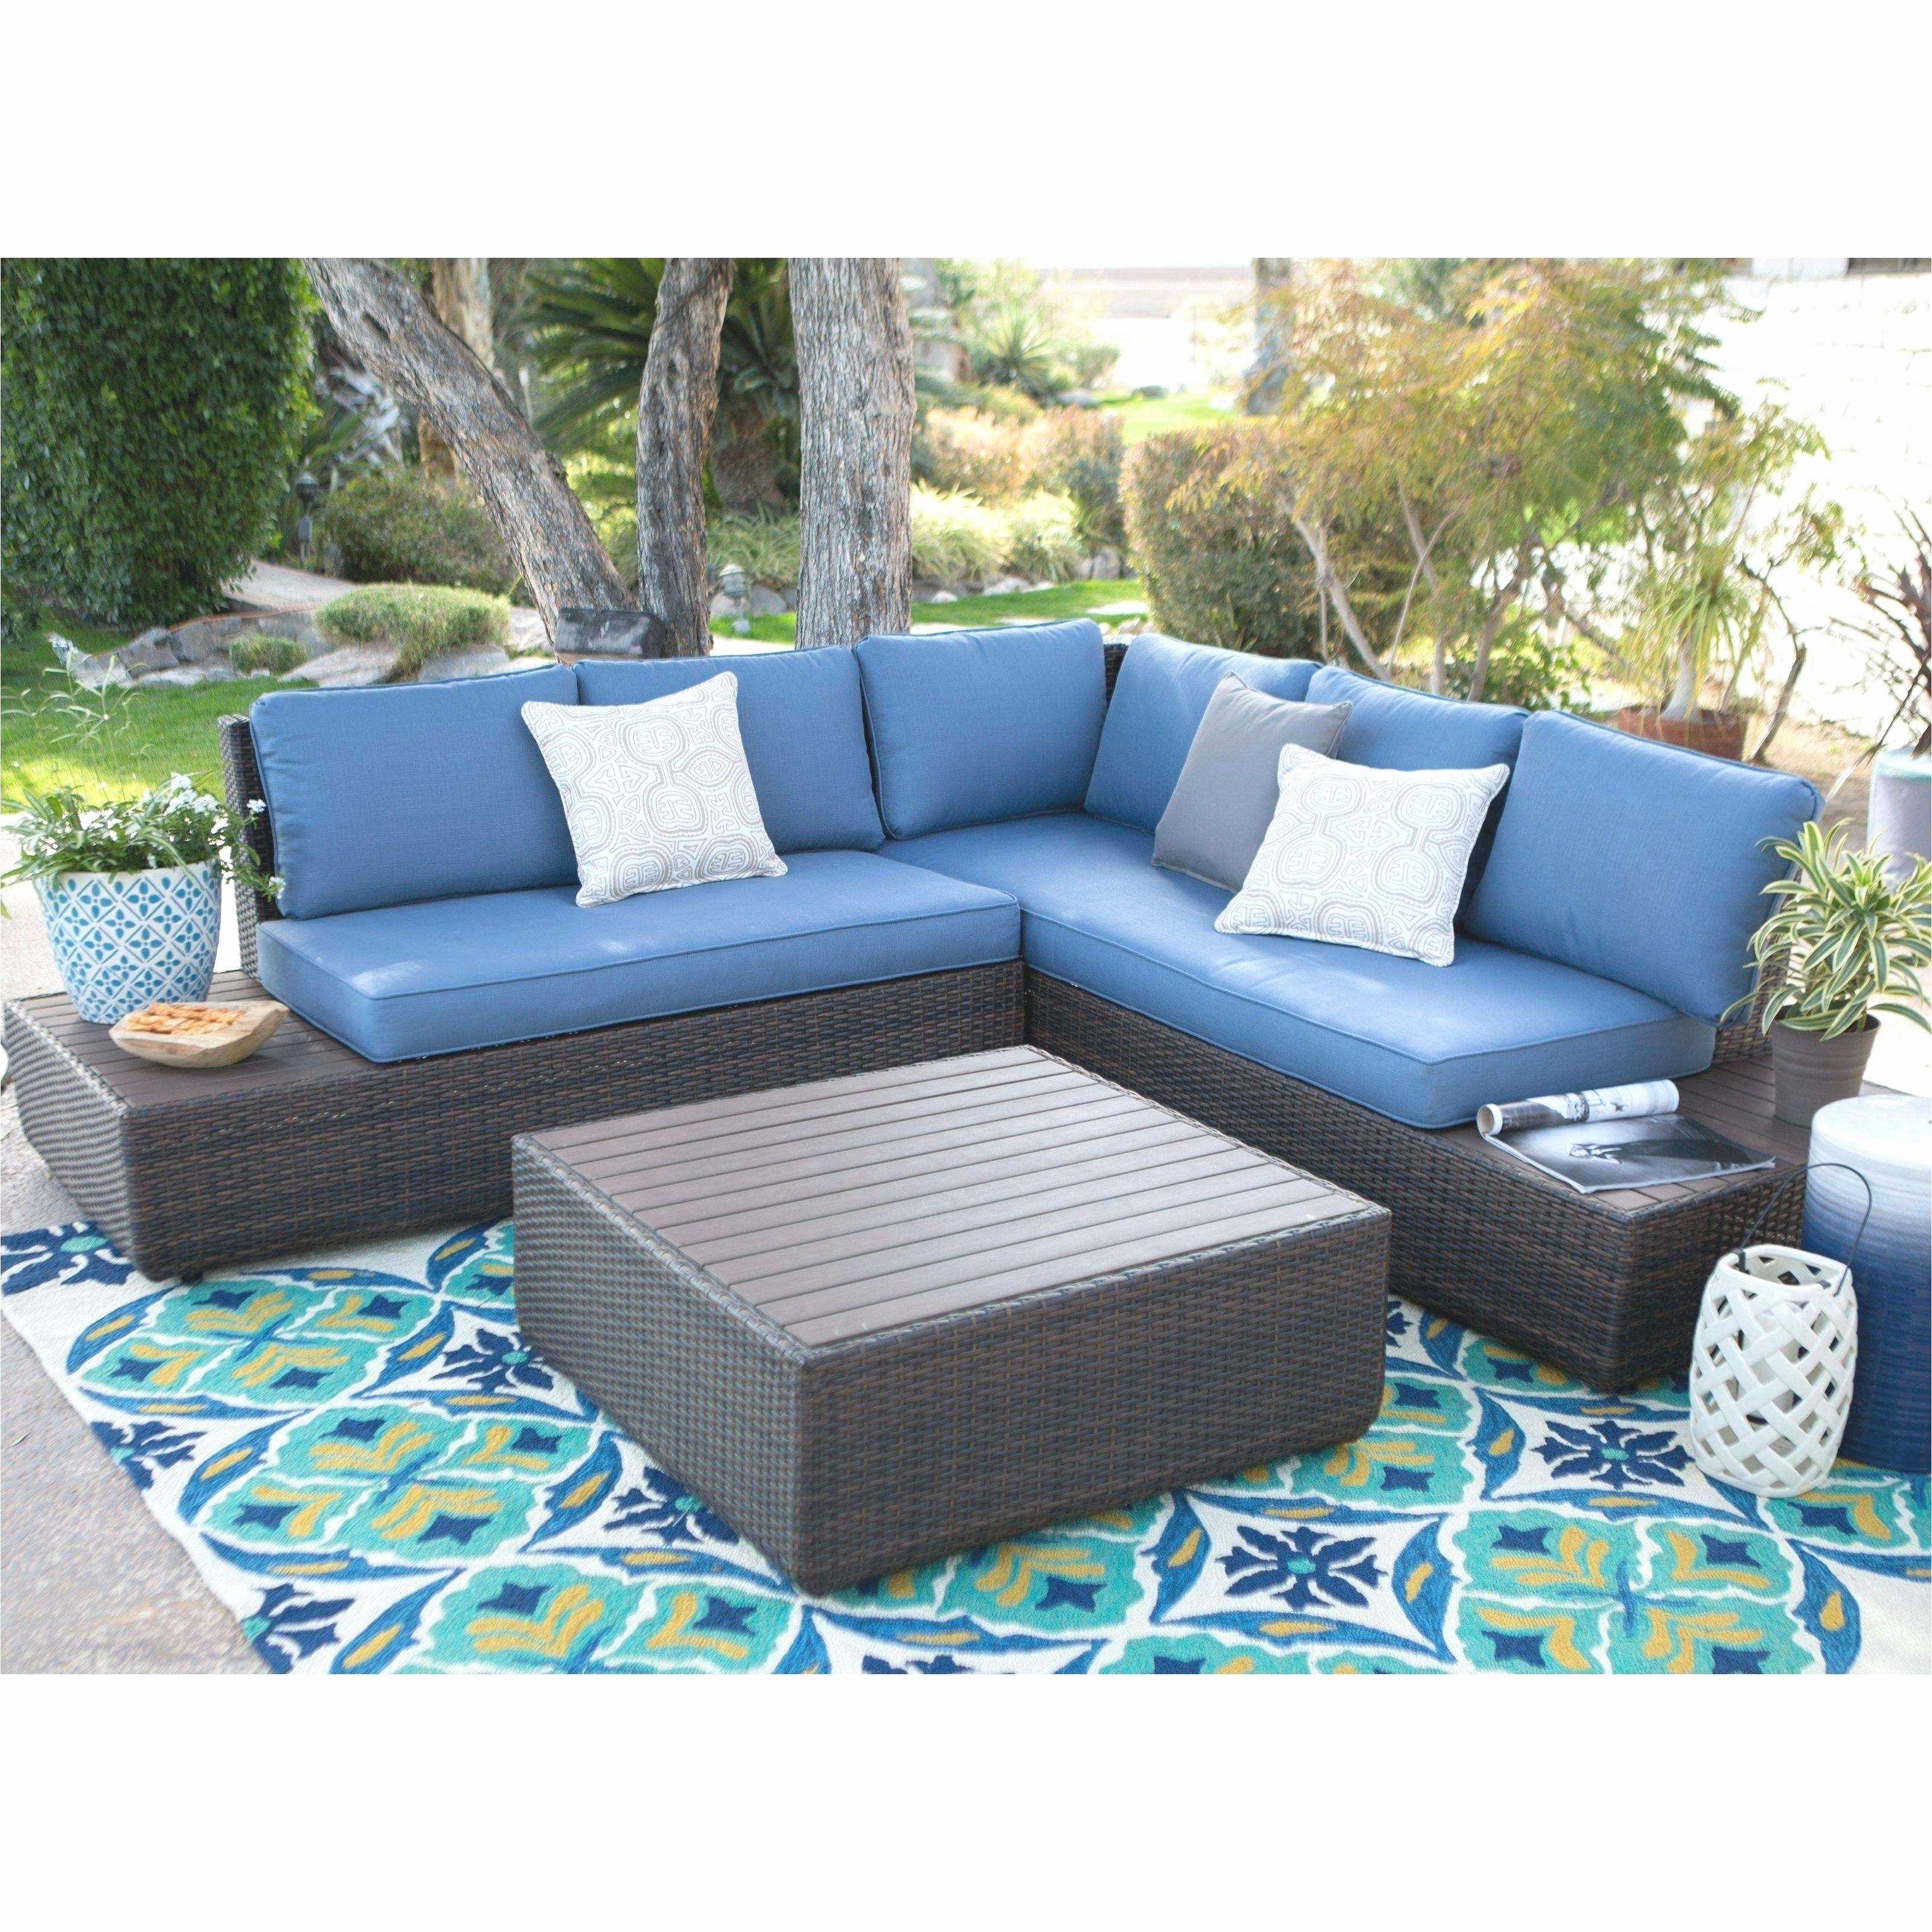 23 unique turquoise leather sofa